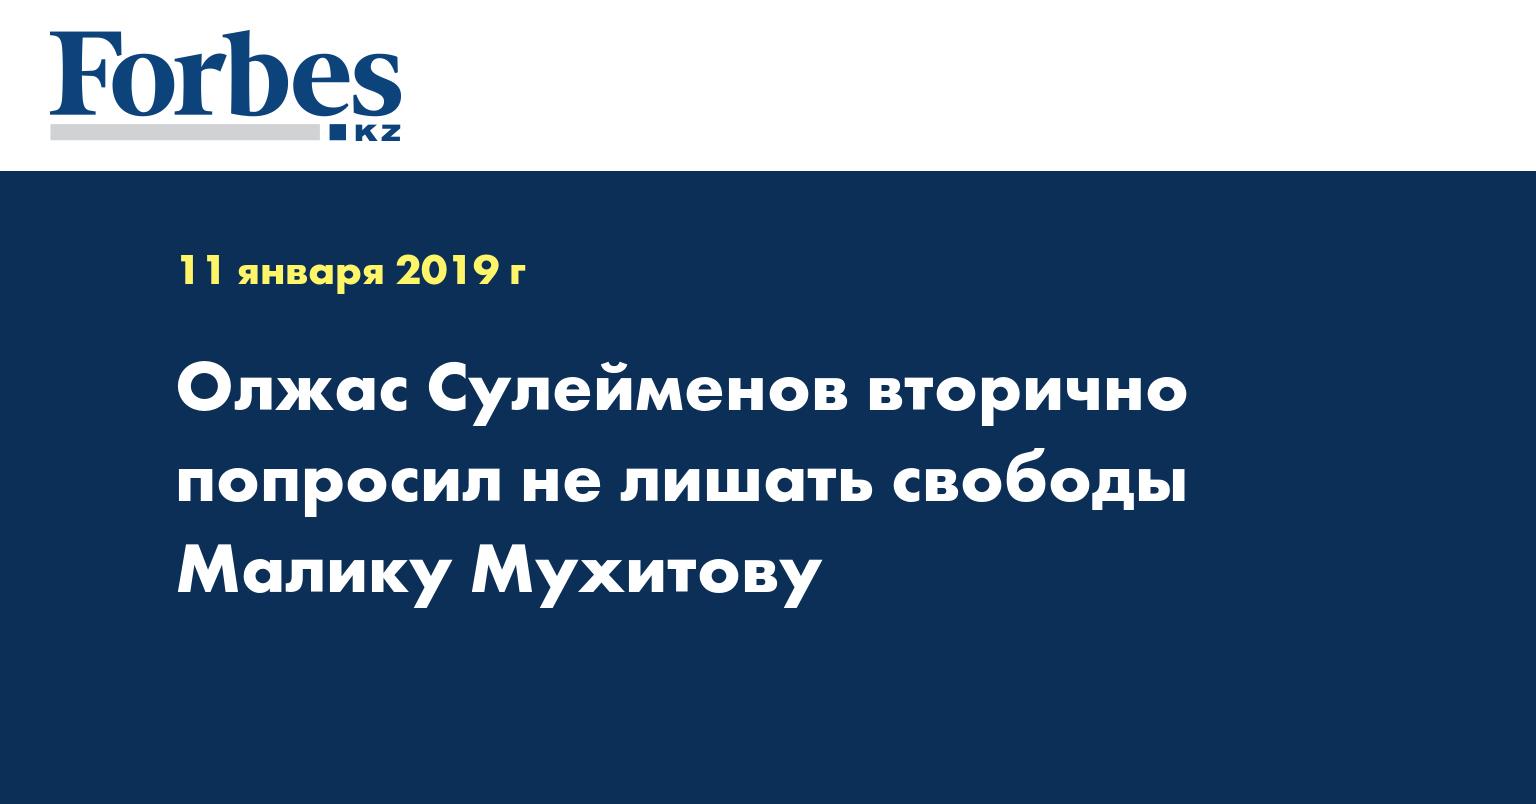 Олжас Сулейменов вторично попросил не лишать свободы Малику Мухитову